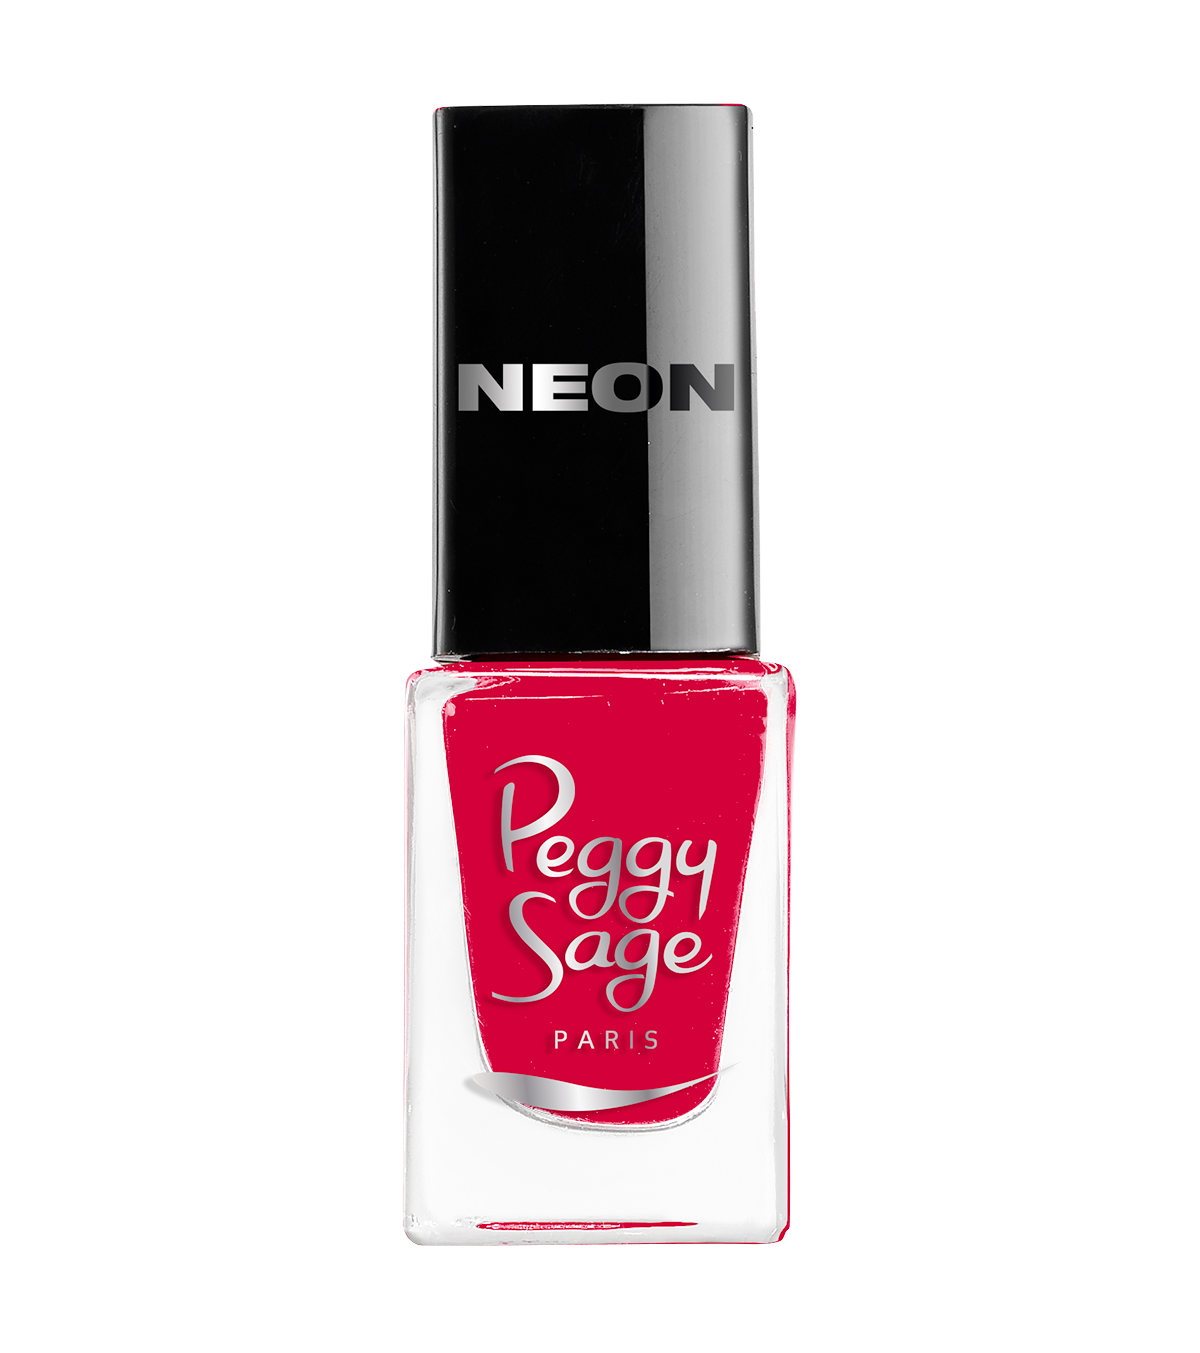 Peggy Sage-Esmalte de uñas MINI Neon nadia - 5ml